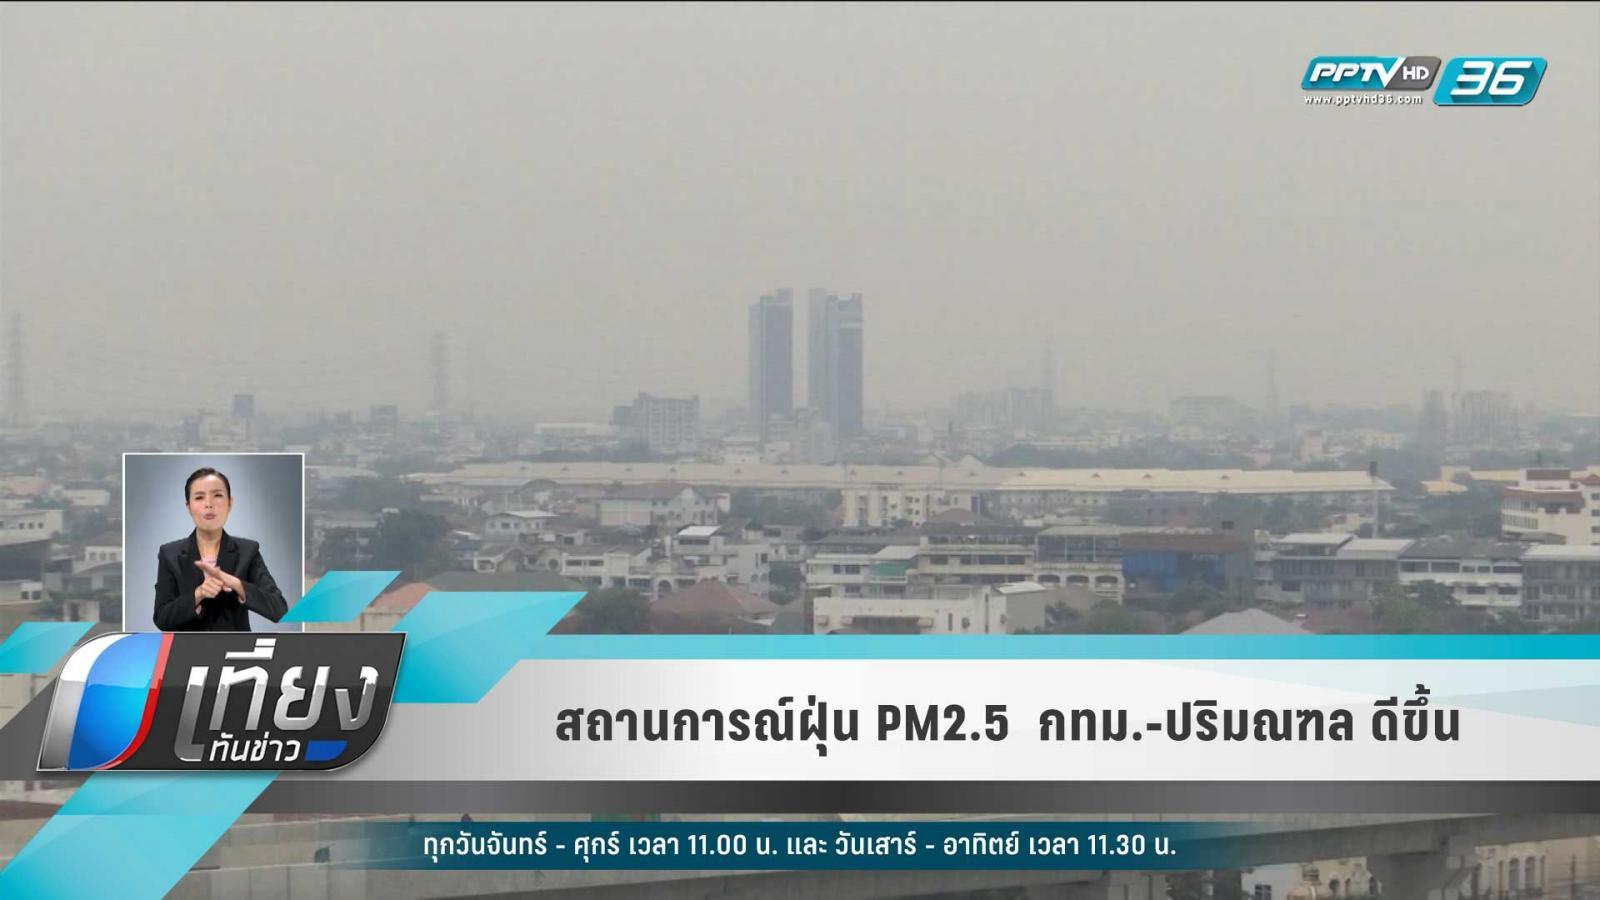 สถานการณ์ฝุ่น PM2.5  กทม.-ปริมณฑล ดีขึ้น